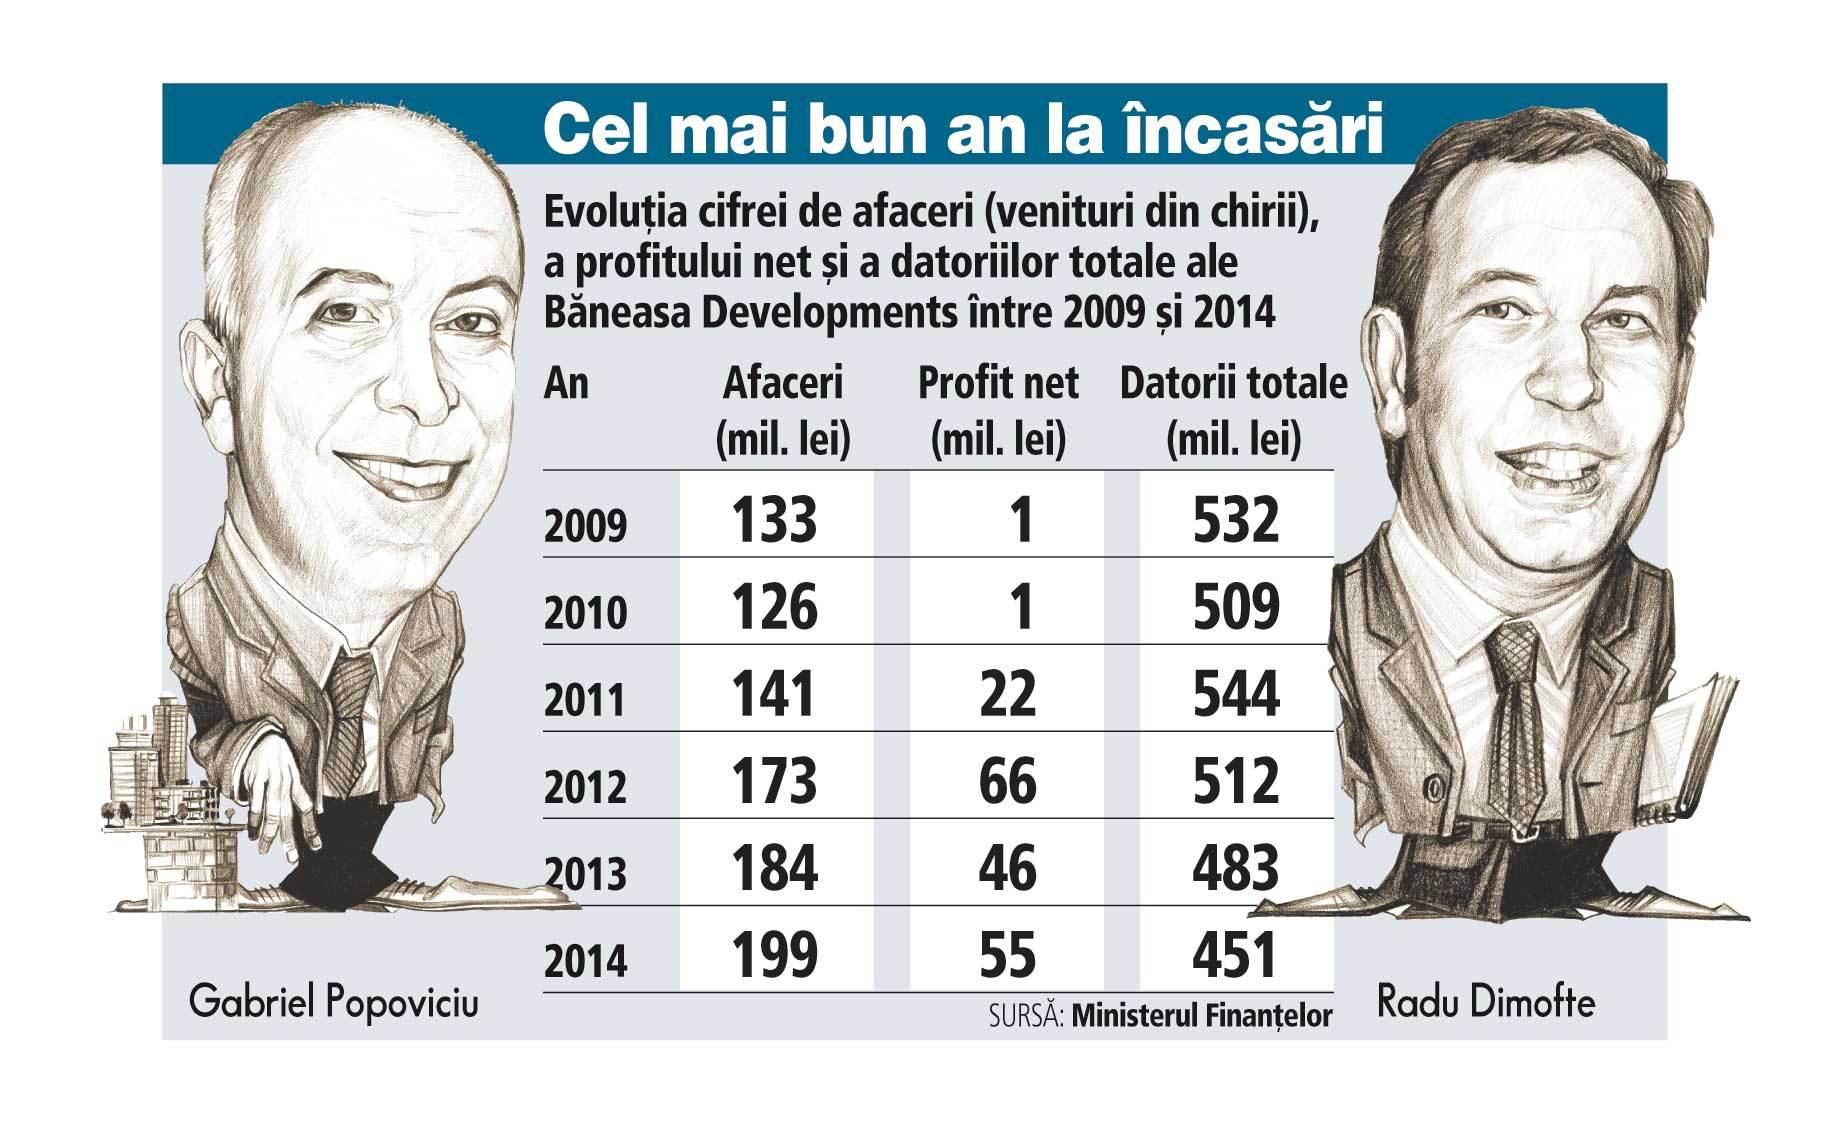 Popoviciu şi Dimofte au adunat profituri de 200 mil. lei din mallul Băneasa în şase ani